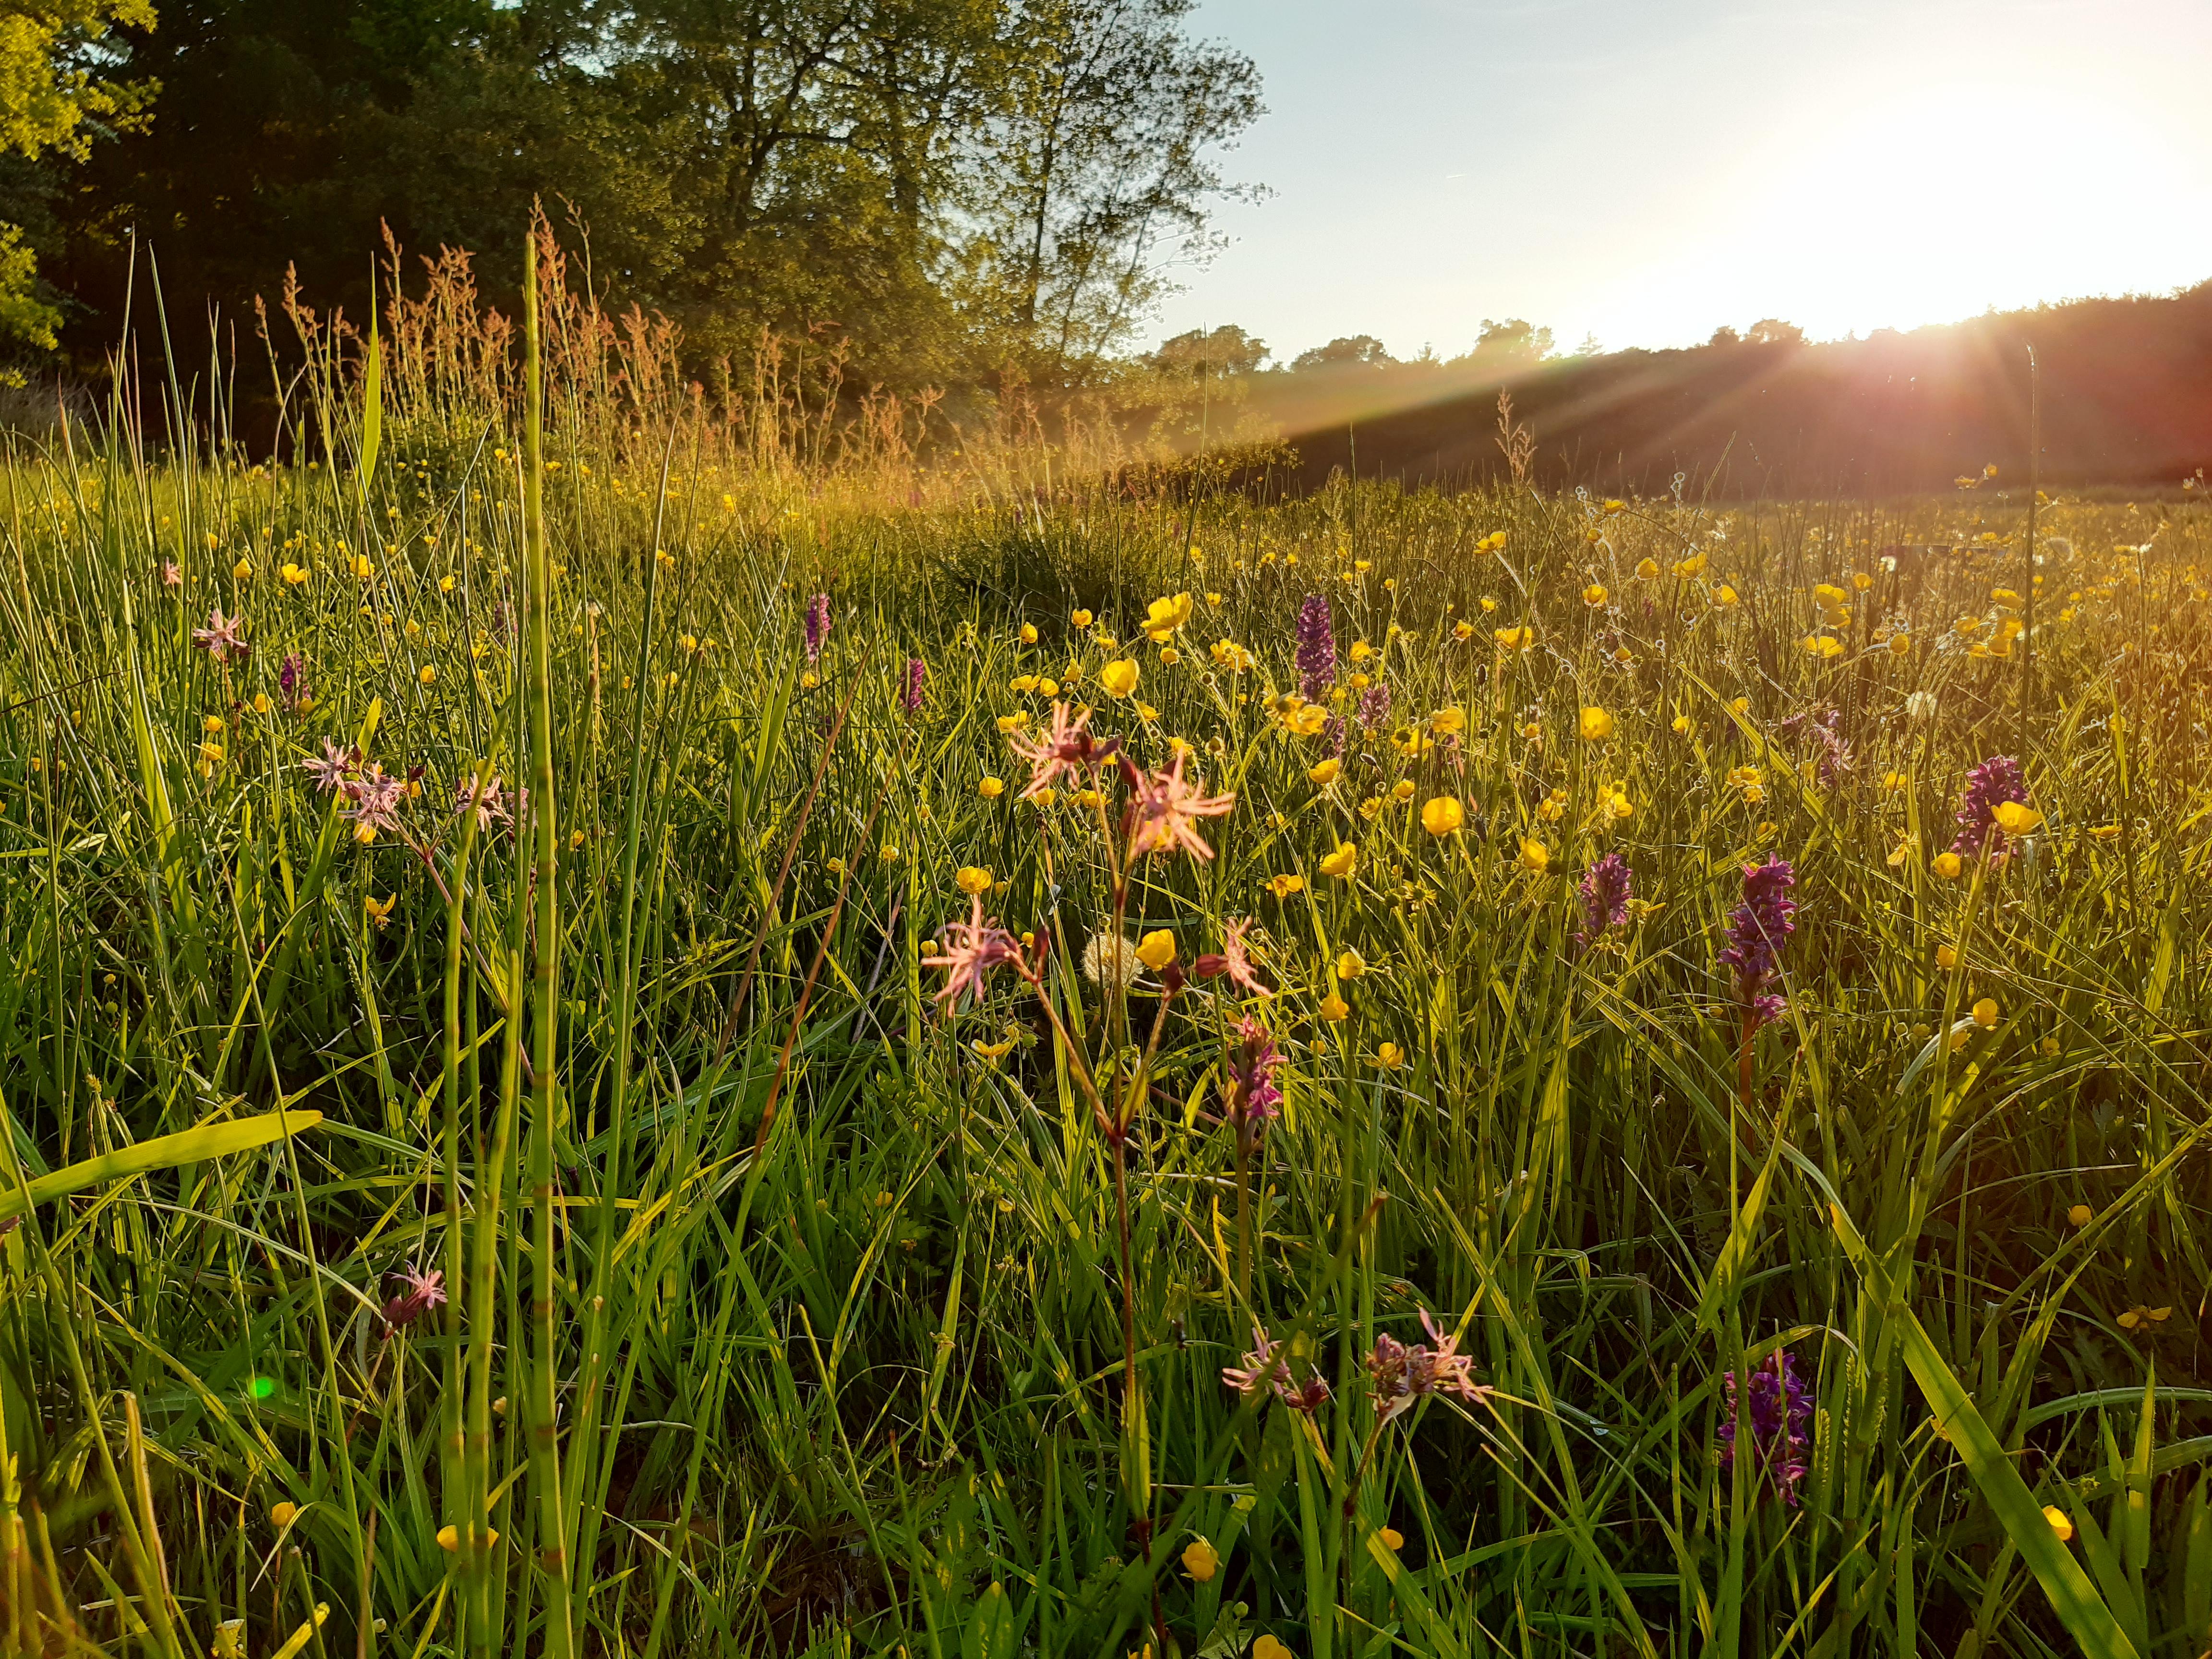 Lokal indsats får to orkidé-arter til at blomstre på Skovsgaard Gods